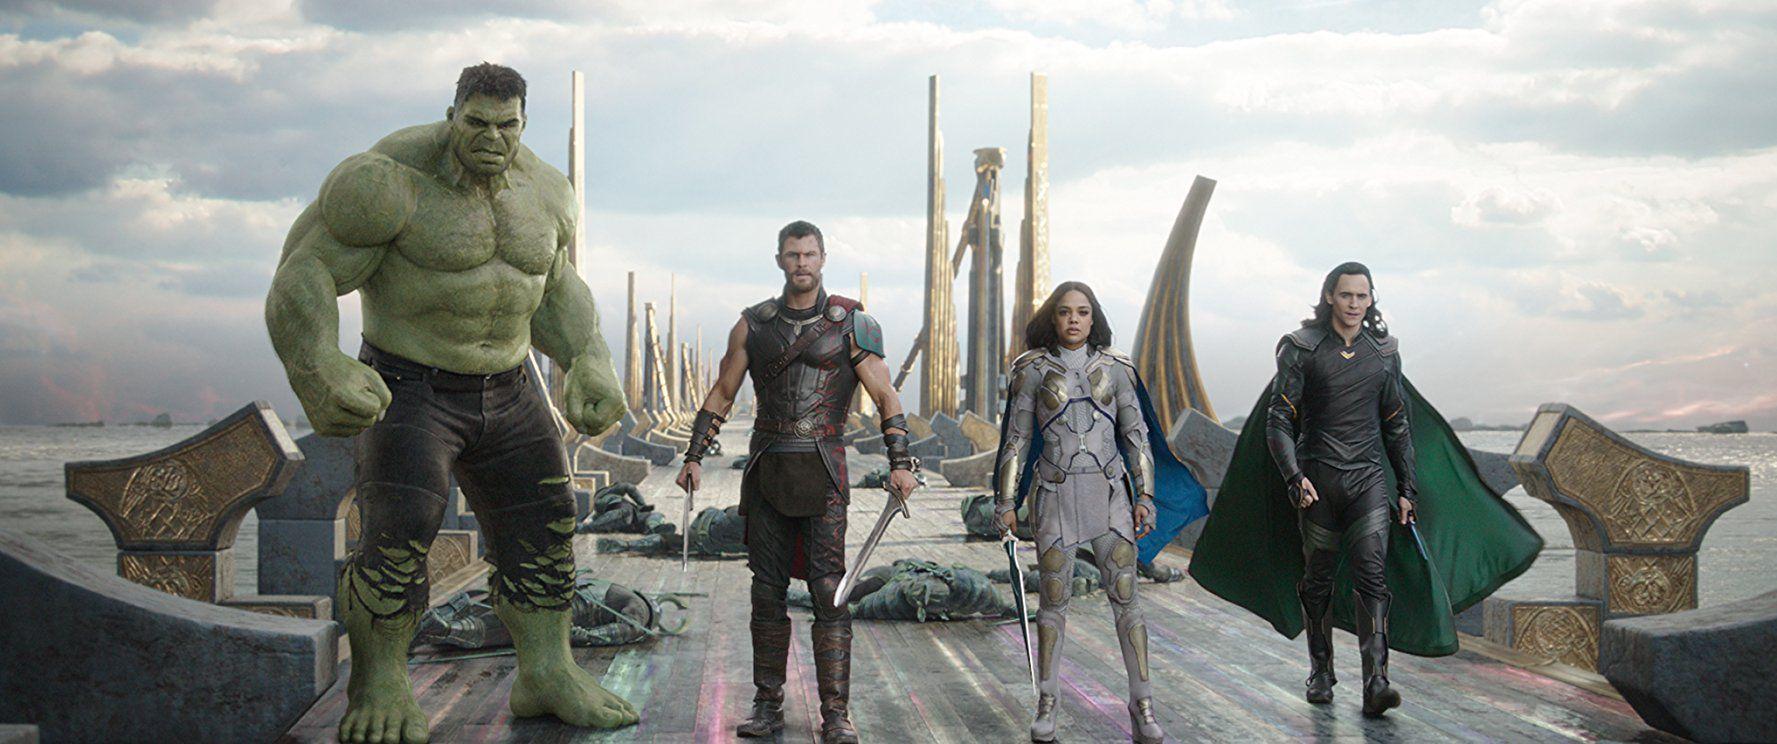 Top 10 phim khoa học viễn tưởng hay nhất Hollywood 2017 - Phim Mỹ (8)